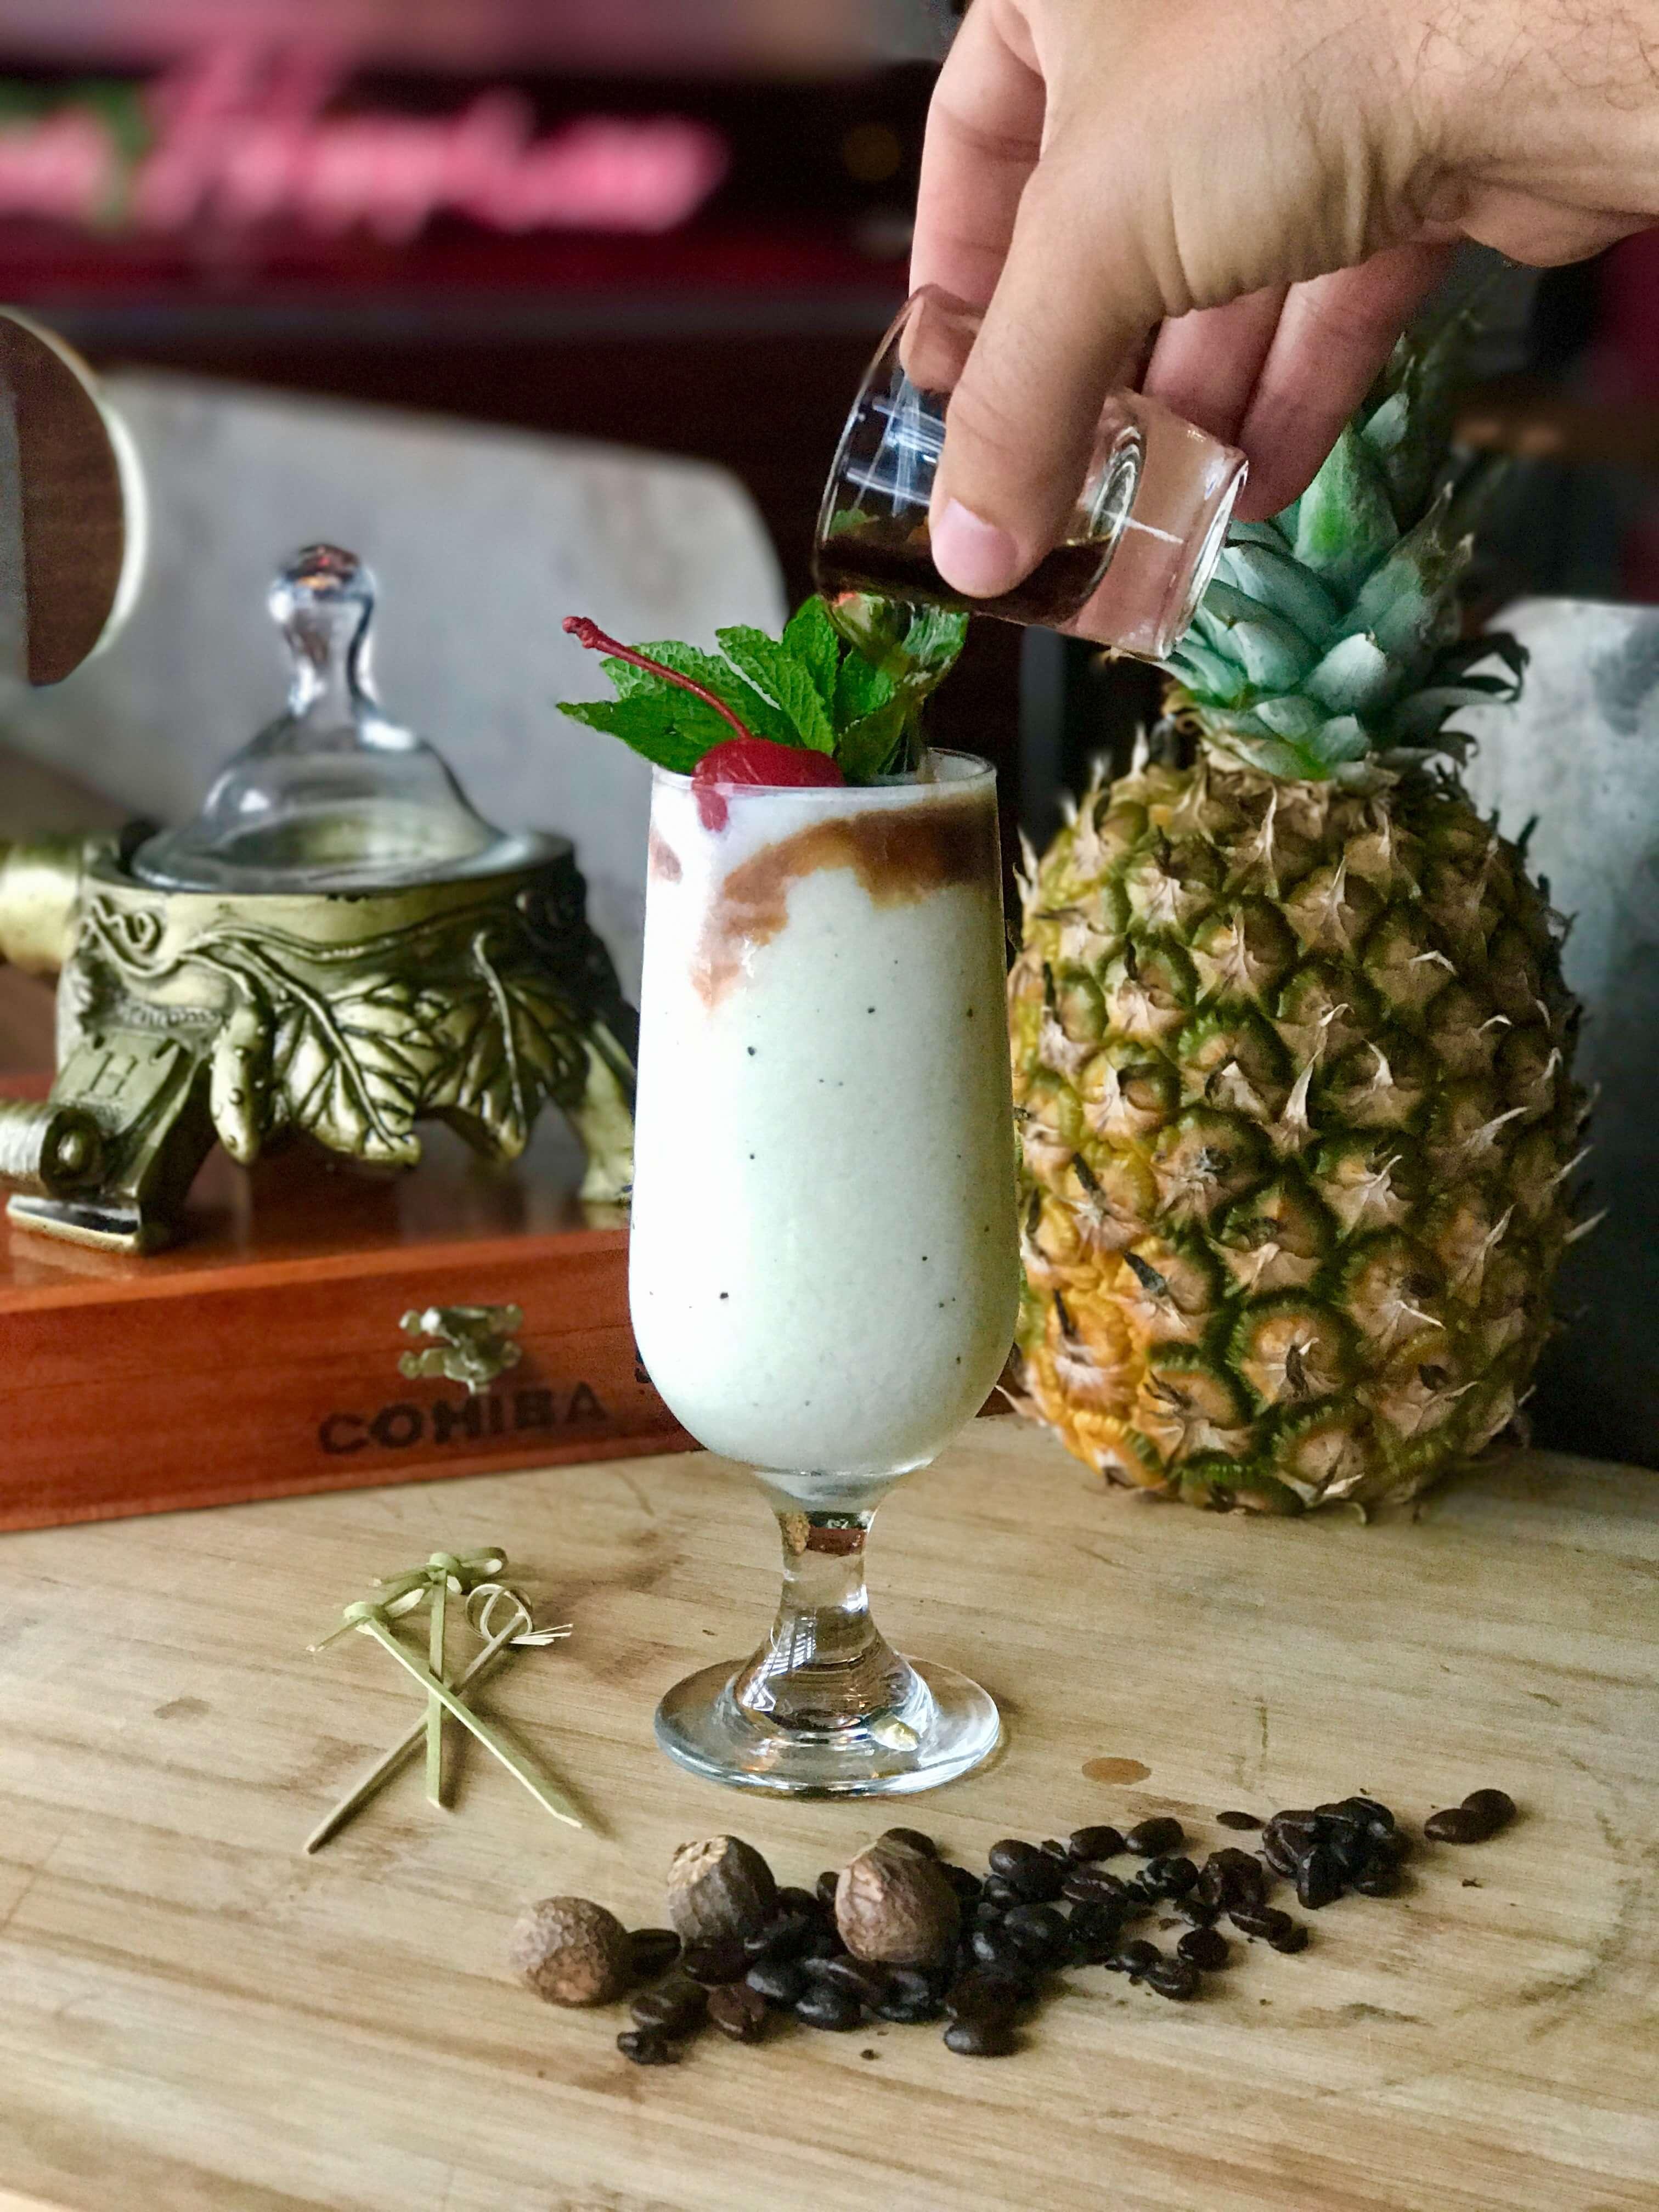 Sweet Liberty Piña Colada - Piña Colada recipes for National Piña Colada Day and the summer